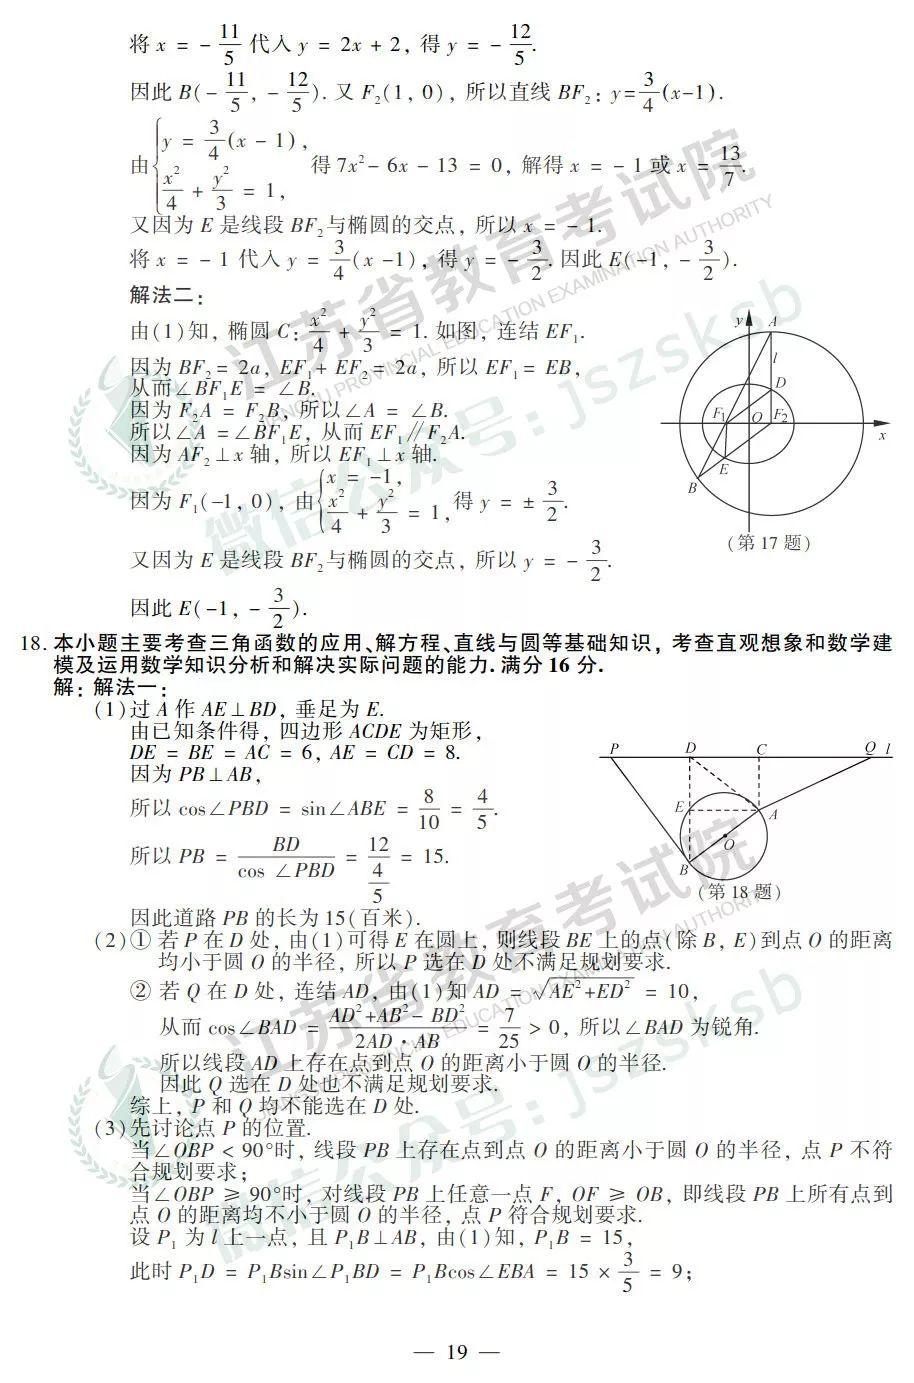 刚刚 2019江苏高考试题 答案公布